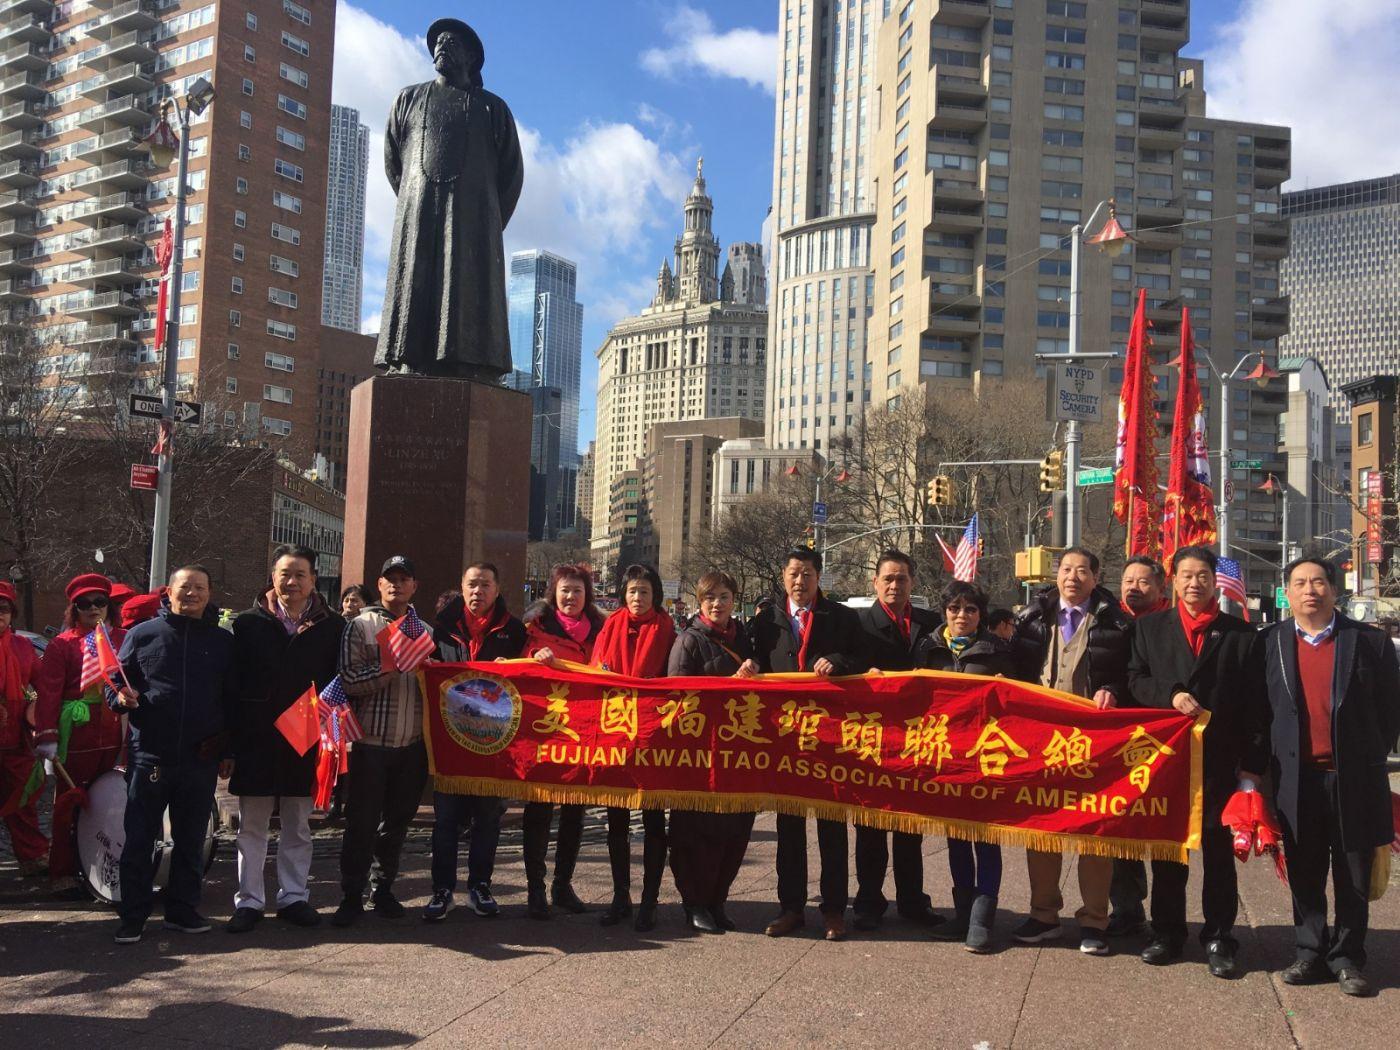 美东各界华人华侨第十七届元宵节庆祝活动在纽约举行_图1-14